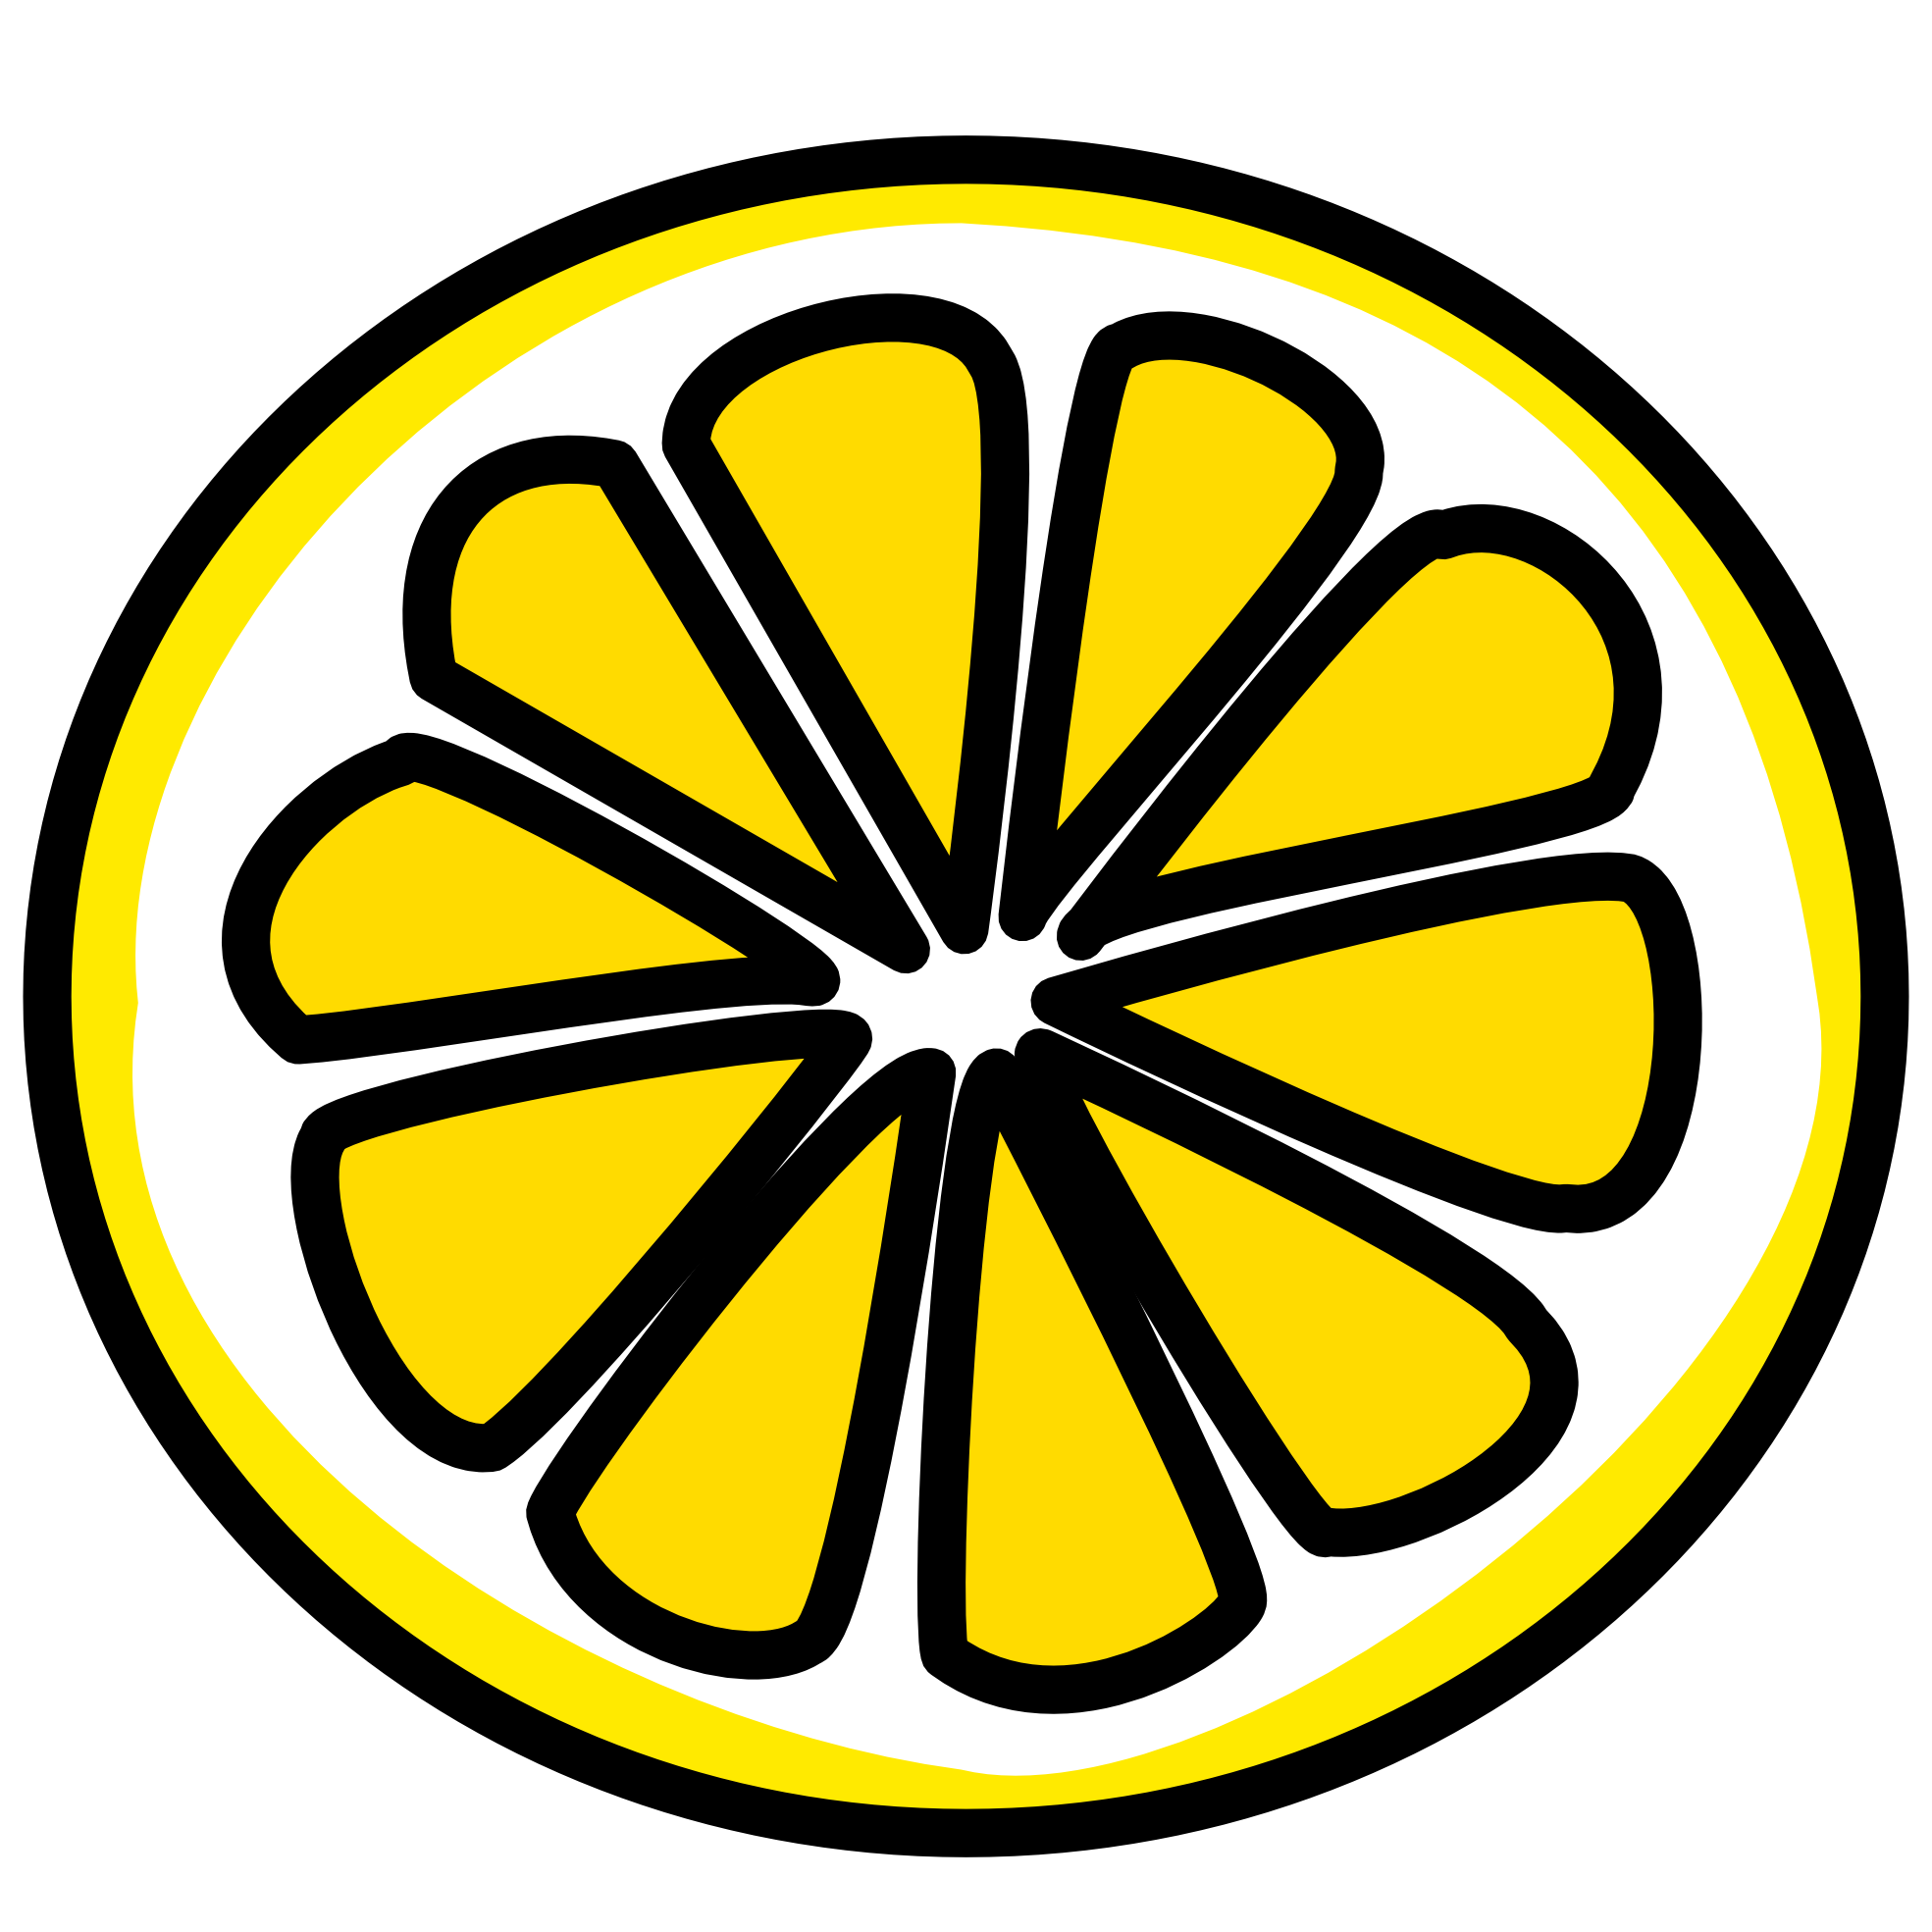 lemon slice clipart